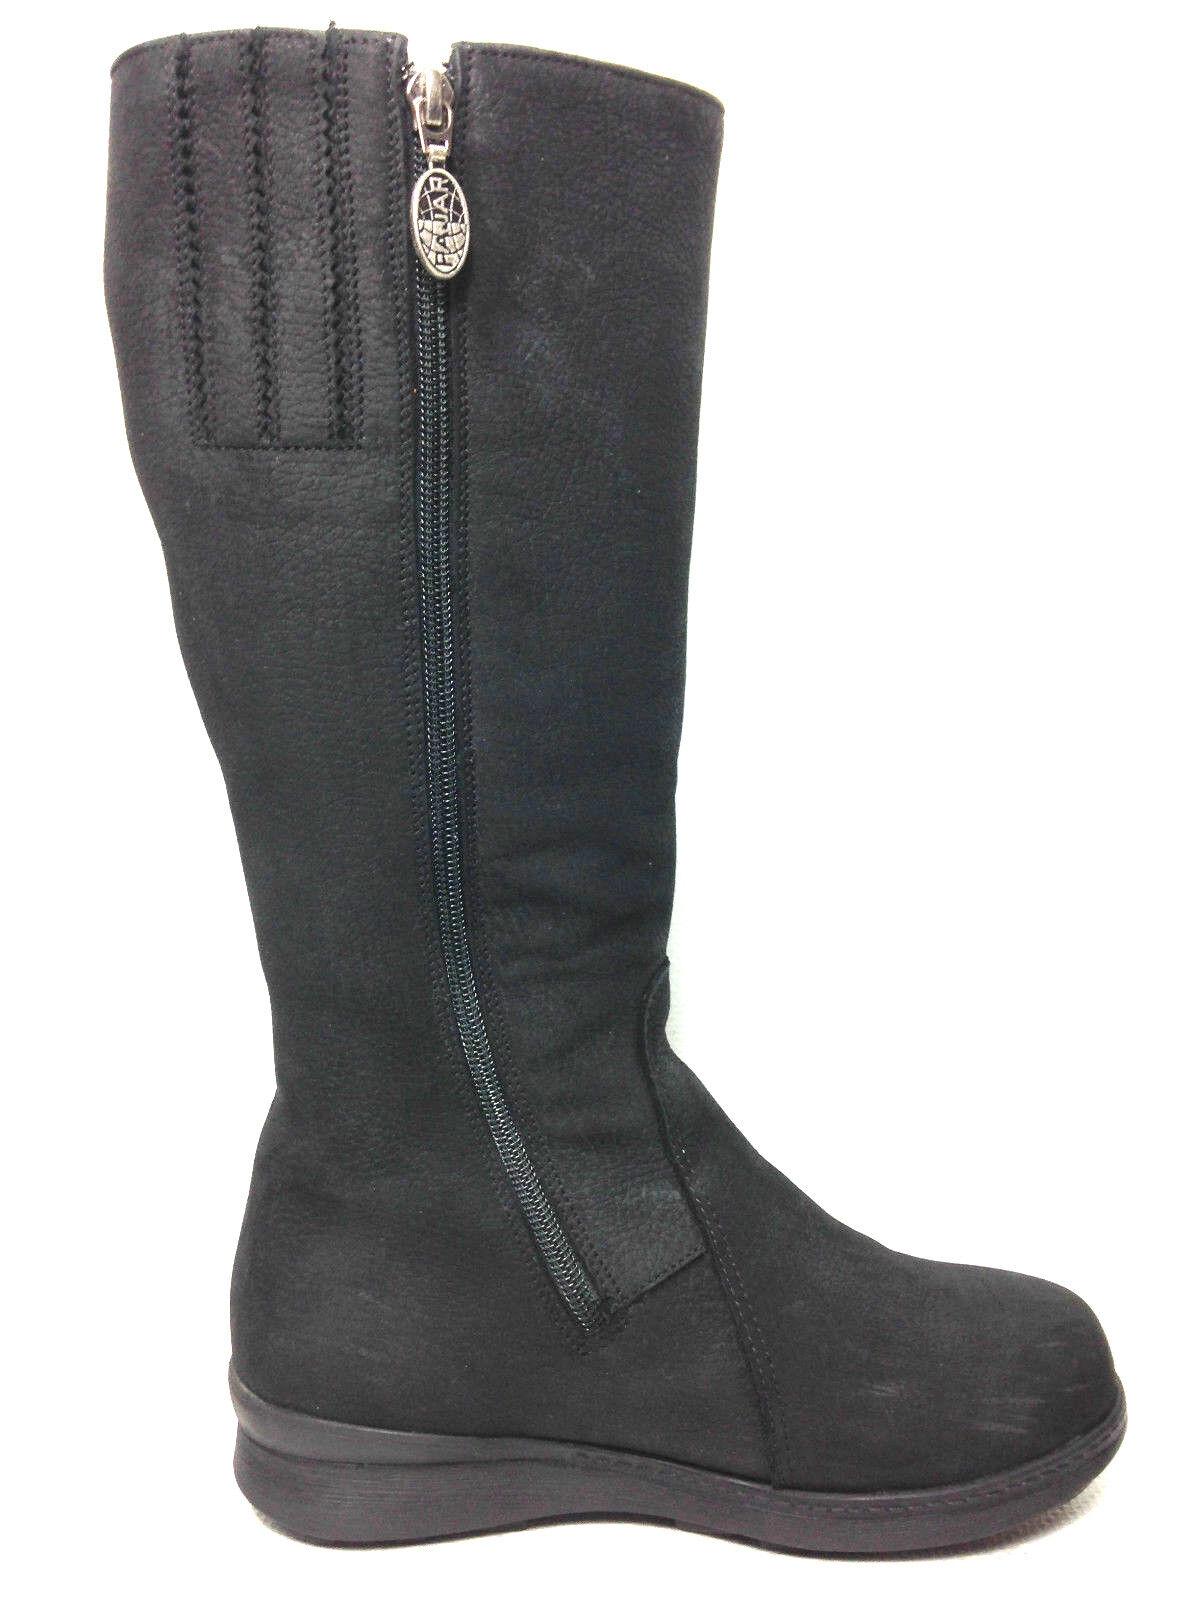 prezzo basso Pajar Tall nero  Nubuck Leather Sherling Waterproof avvio Dimensione Dimensione Dimensione 5.5 USA  spedizione gratuita in tutto il mondo